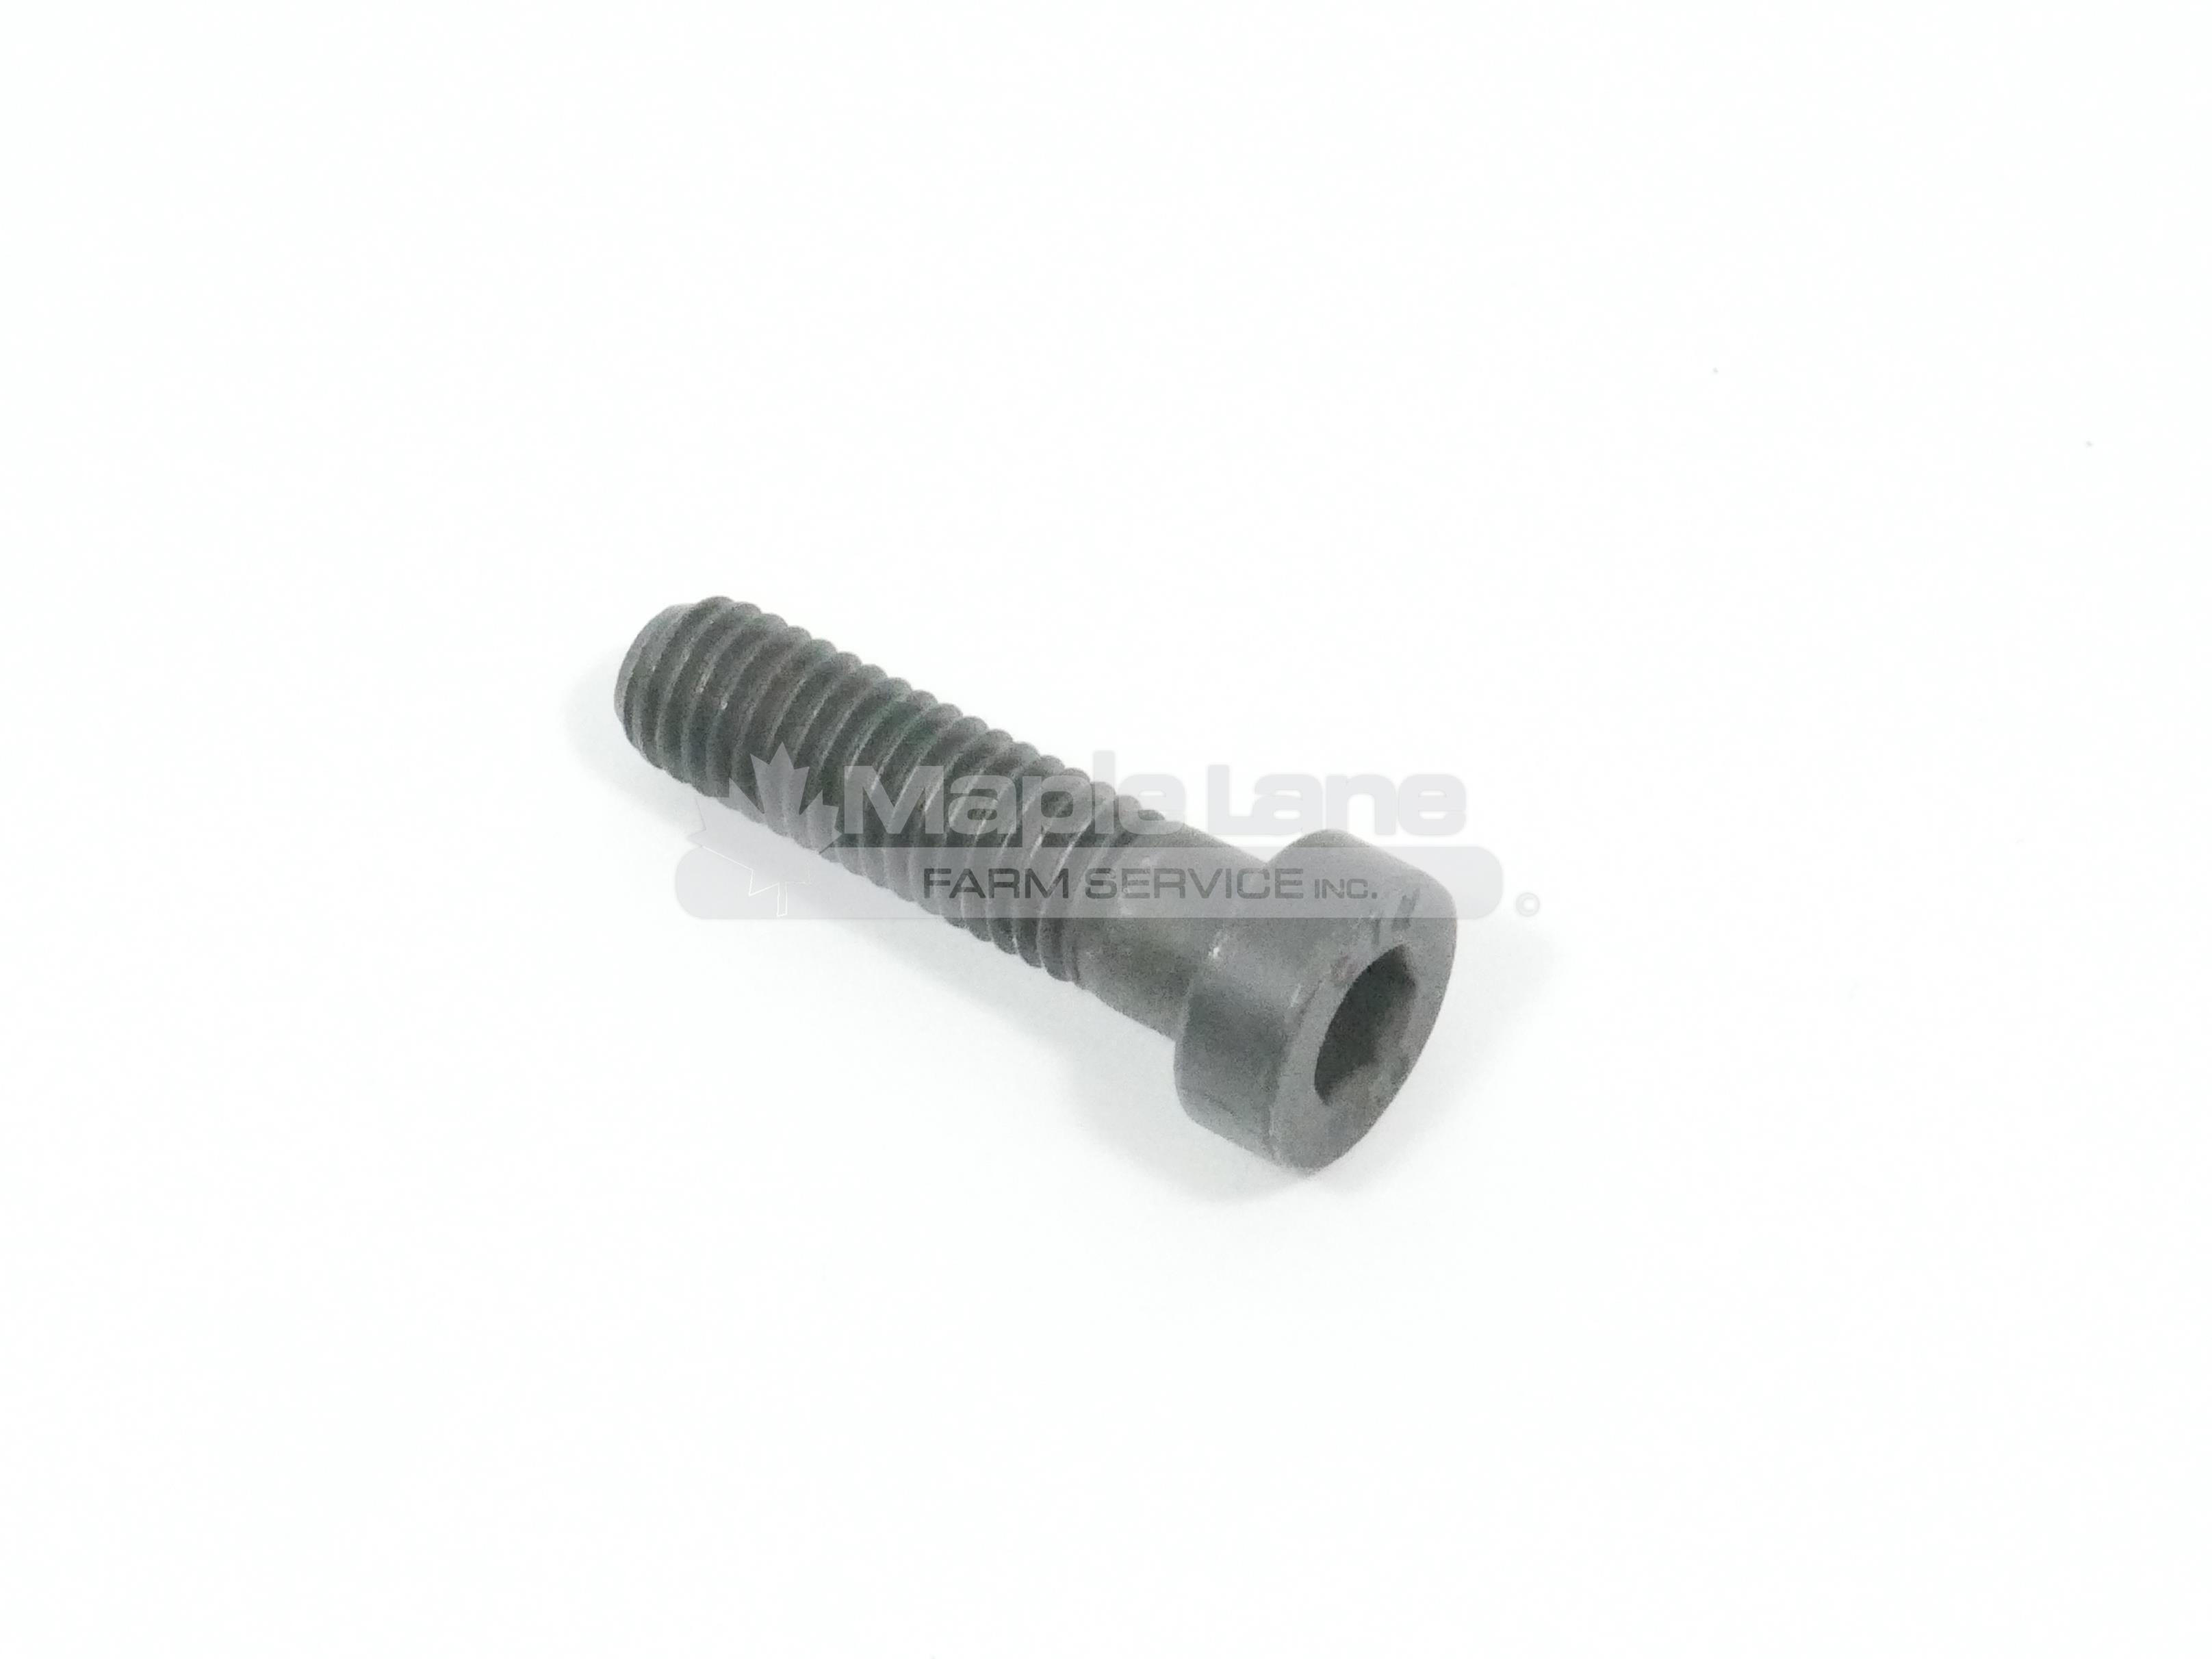 72315776 socket head bolt